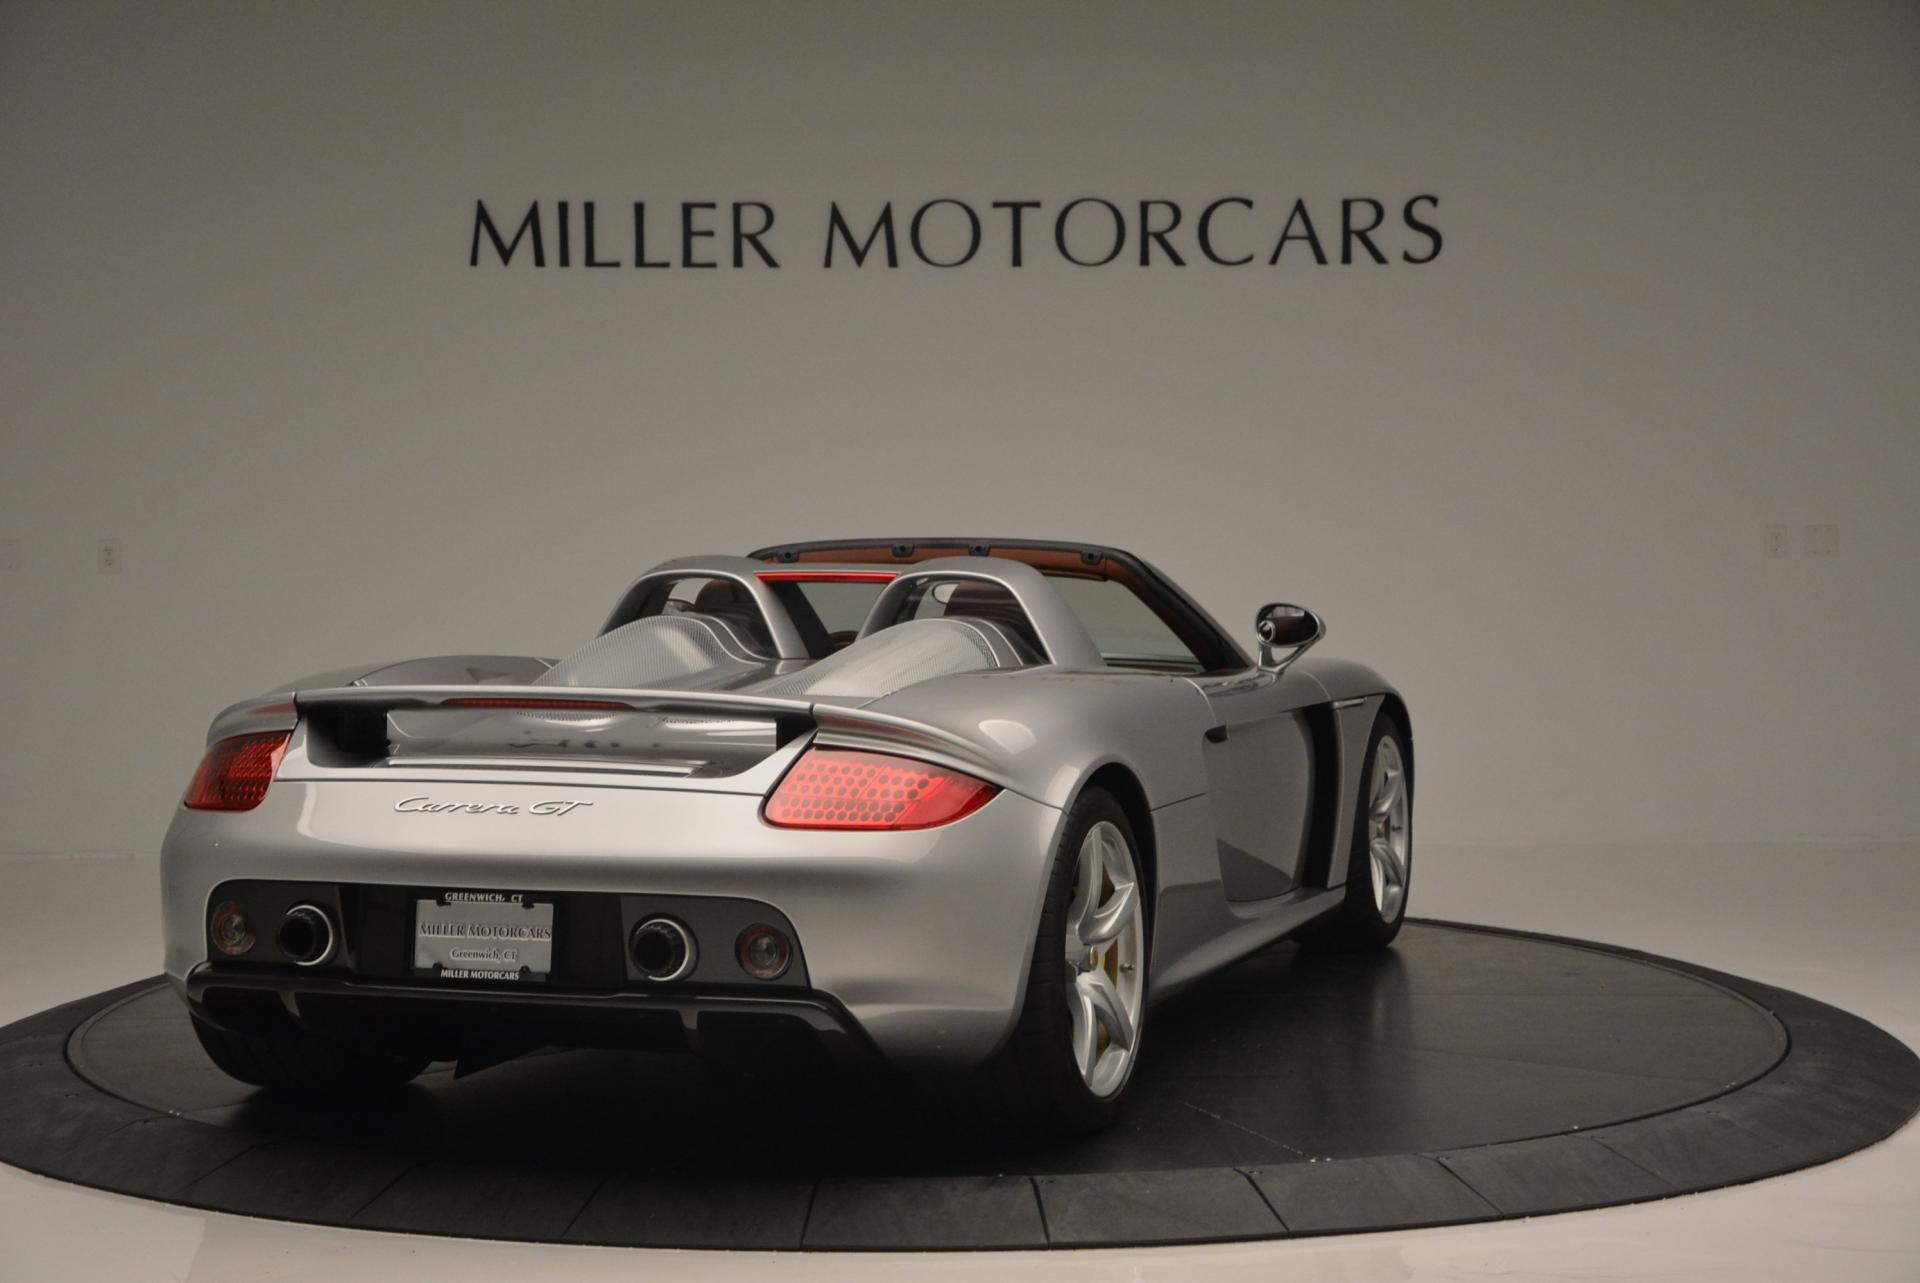 Used 2005 Porsche Carrera GT  For Sale In Greenwich, CT. Alfa Romeo of Greenwich, 7114 108_p9